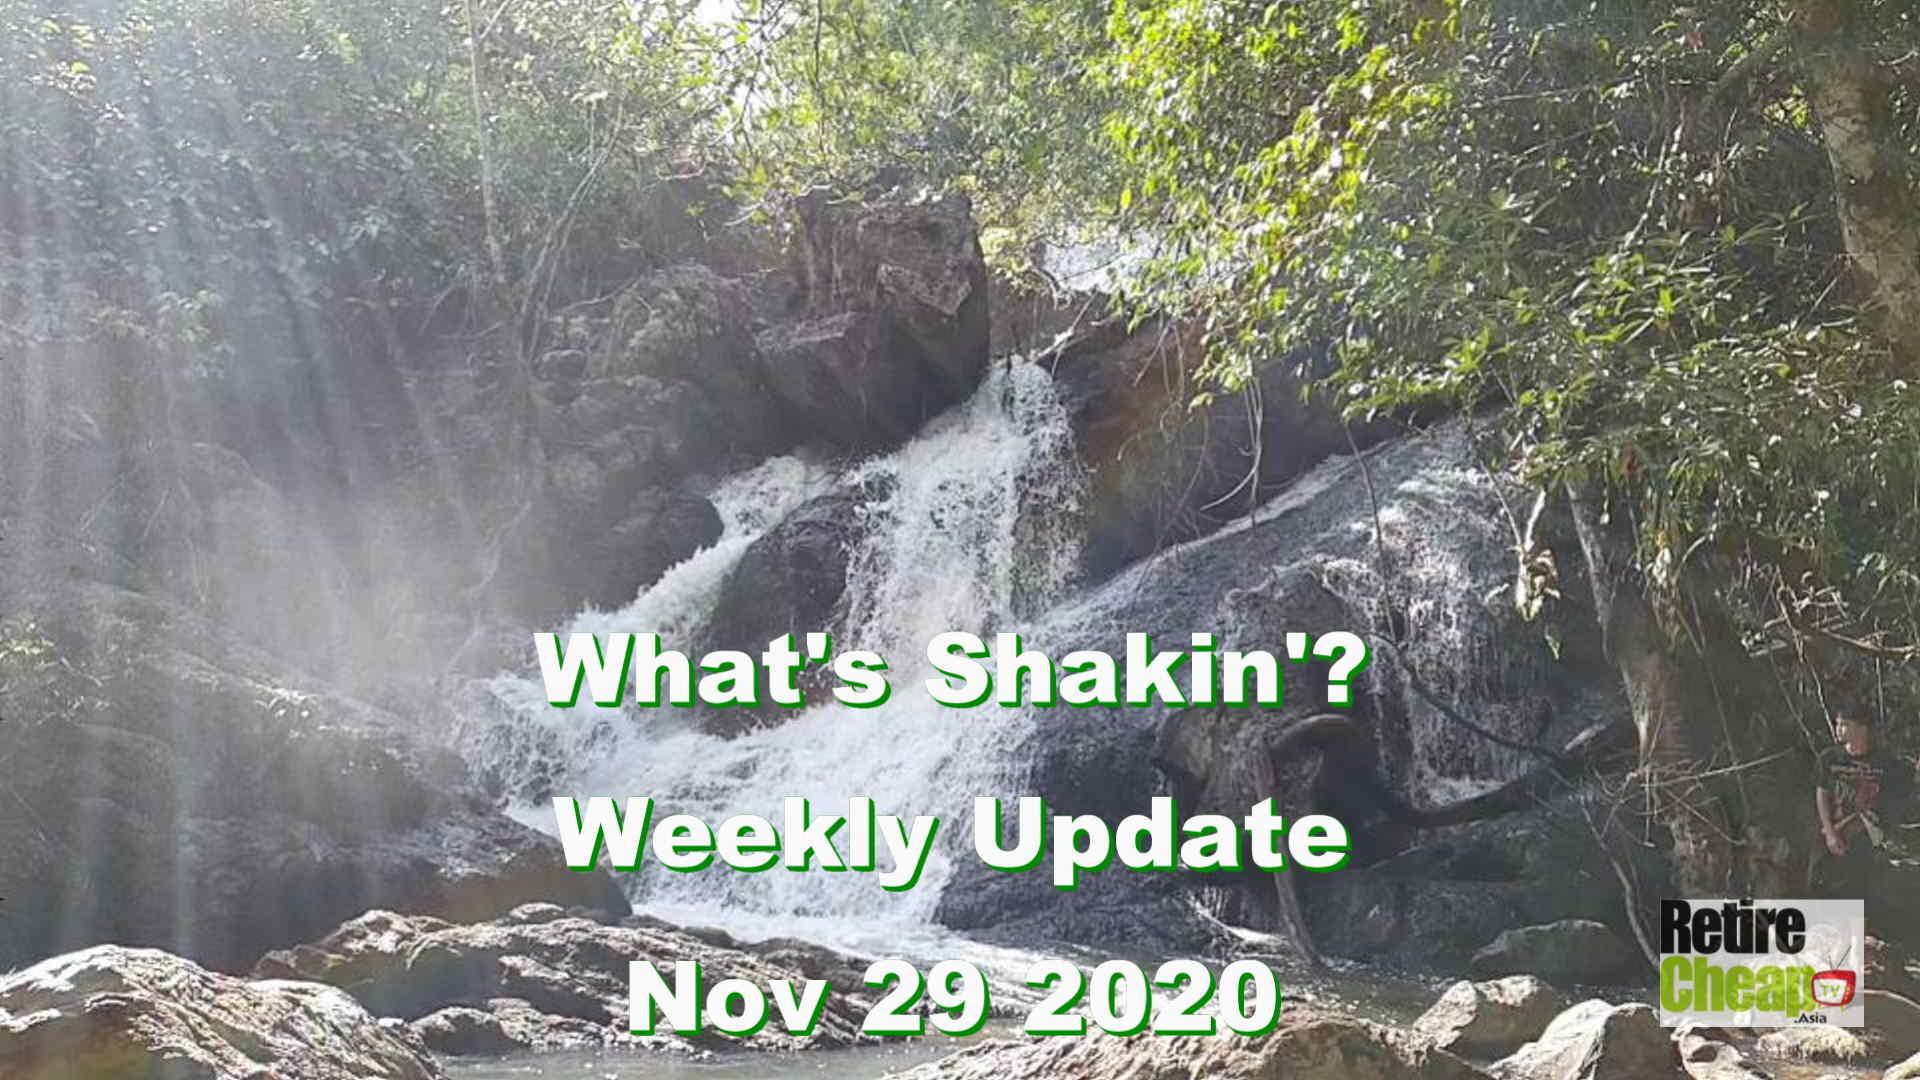 What's Shakn'? Week Nov 29 2020